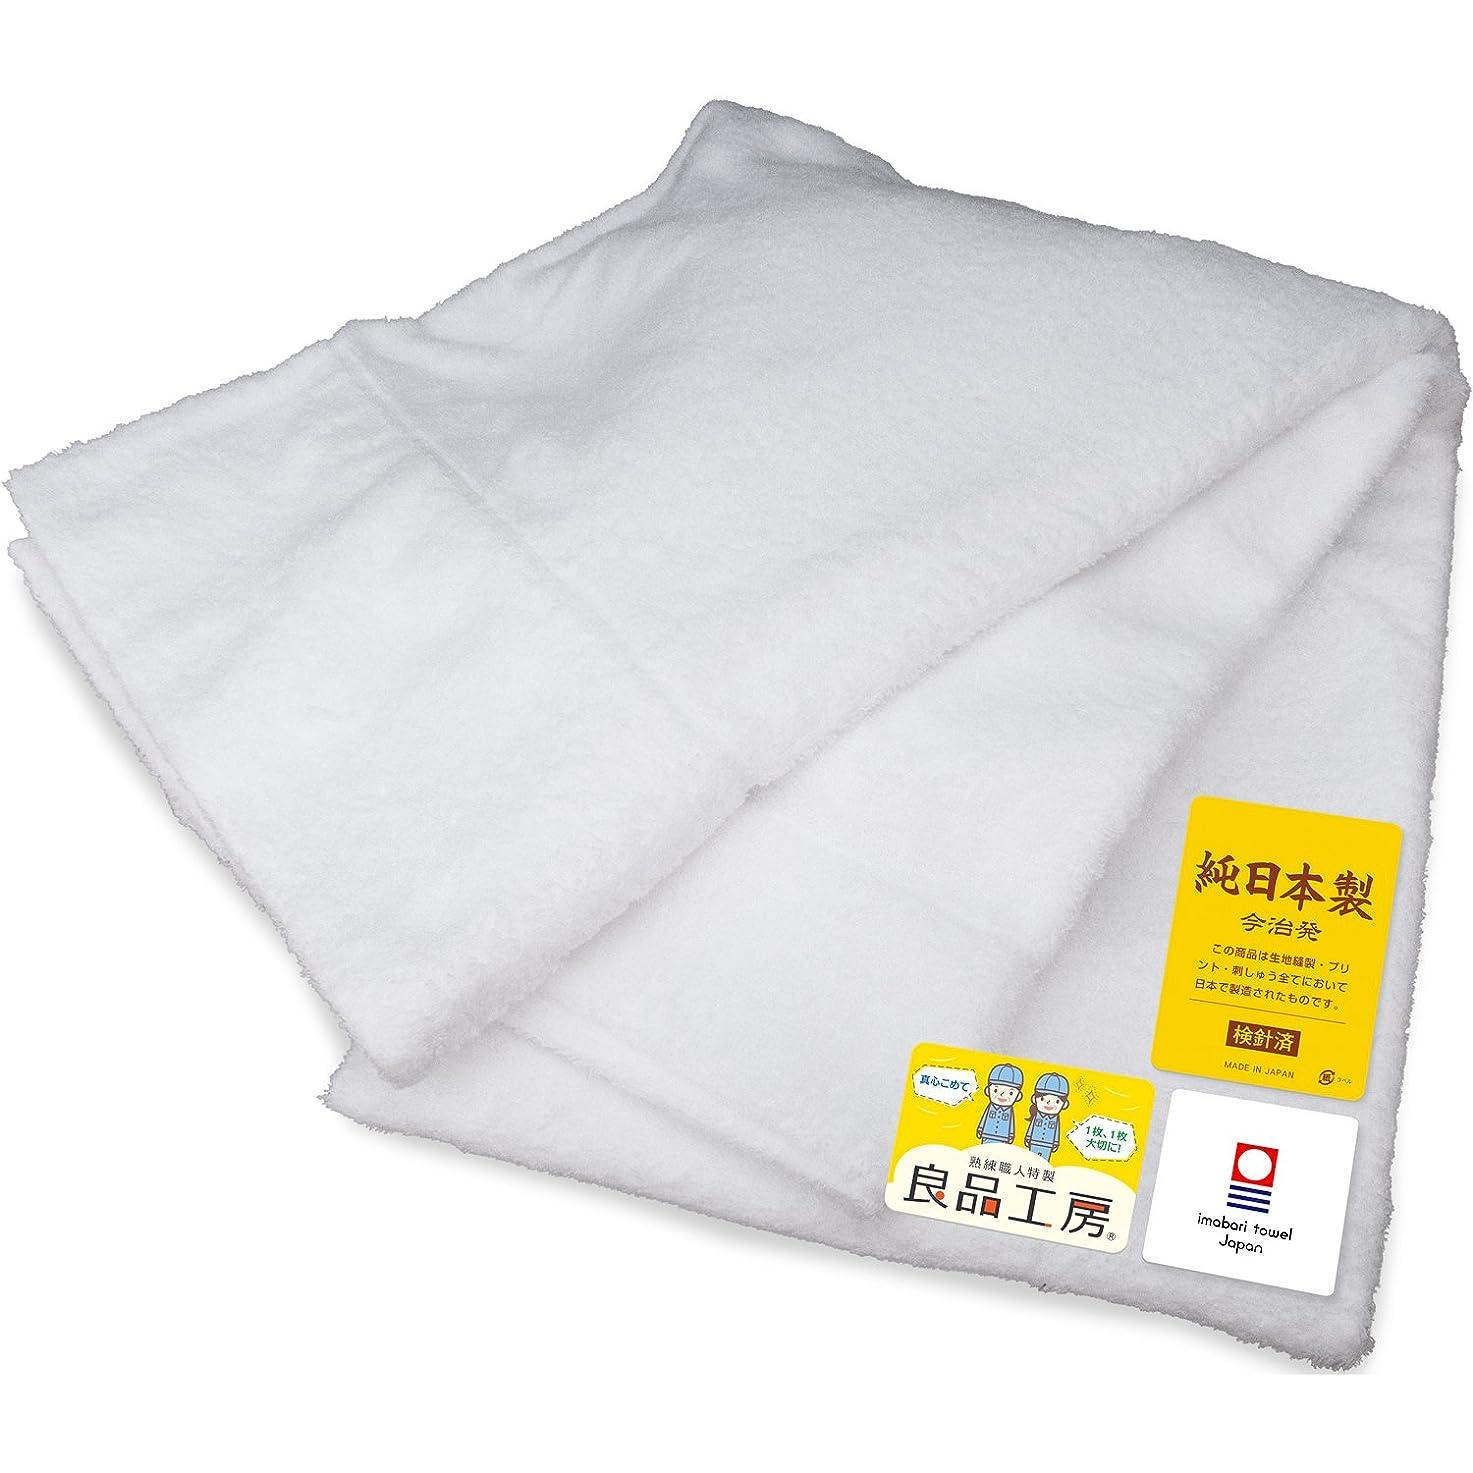 フェンススクリーチのれんパイルが抜けない!丈夫でふわふわ今治タオルケット シングルサイズ 145×190cm ホワイト色 綿100% 300匁 日本タオル検査協会合格品 日本製